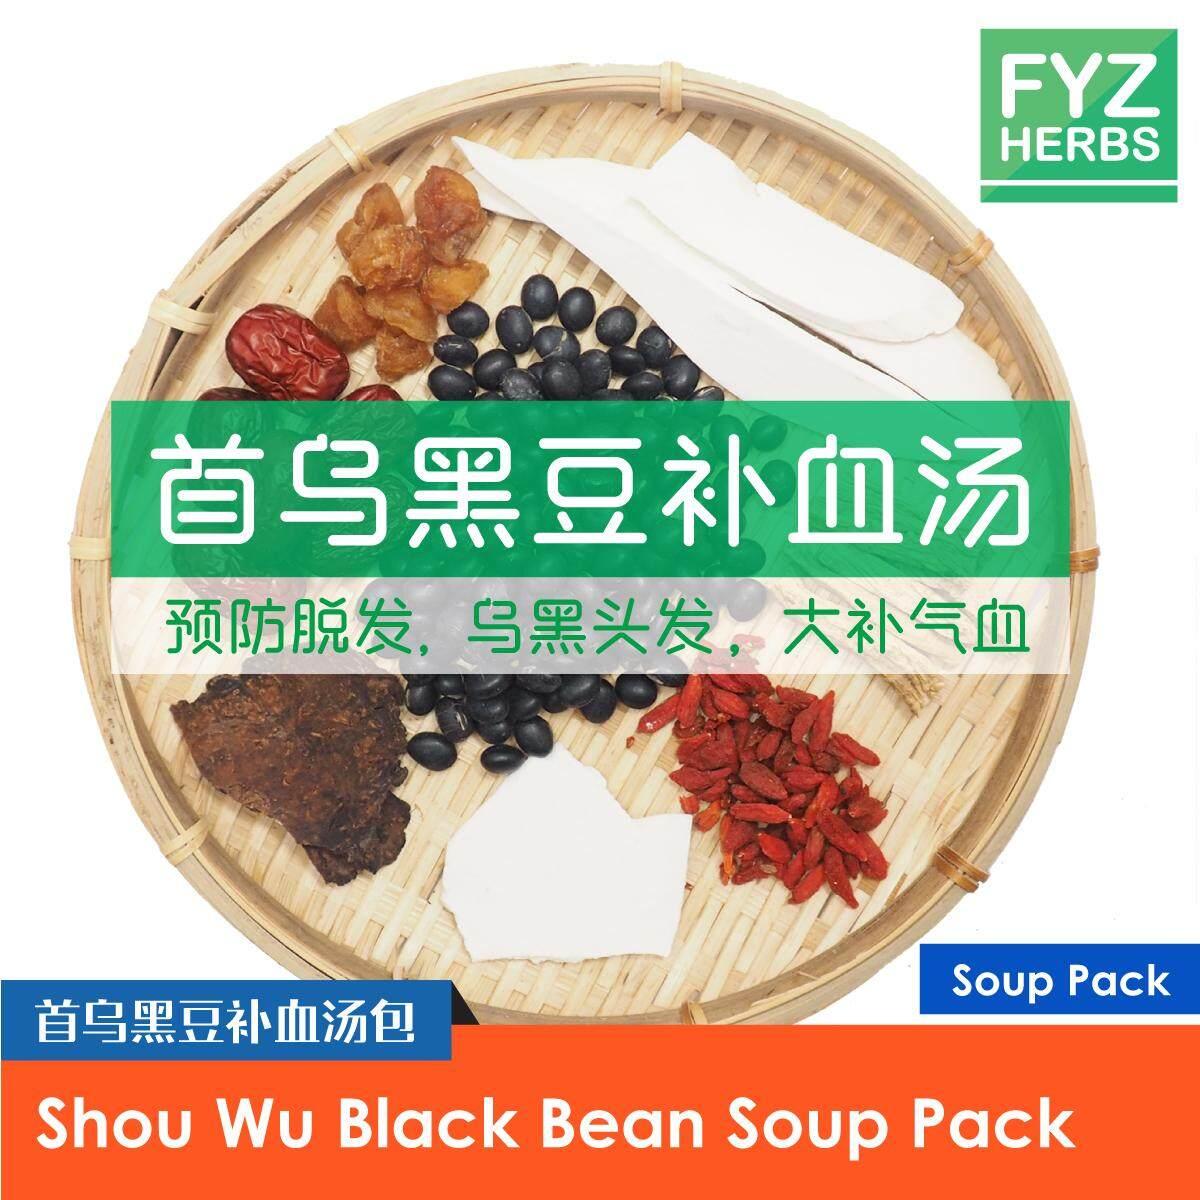 FYZ Herbs Shou Wu Black Bean Soup 首乌黑豆补血汤